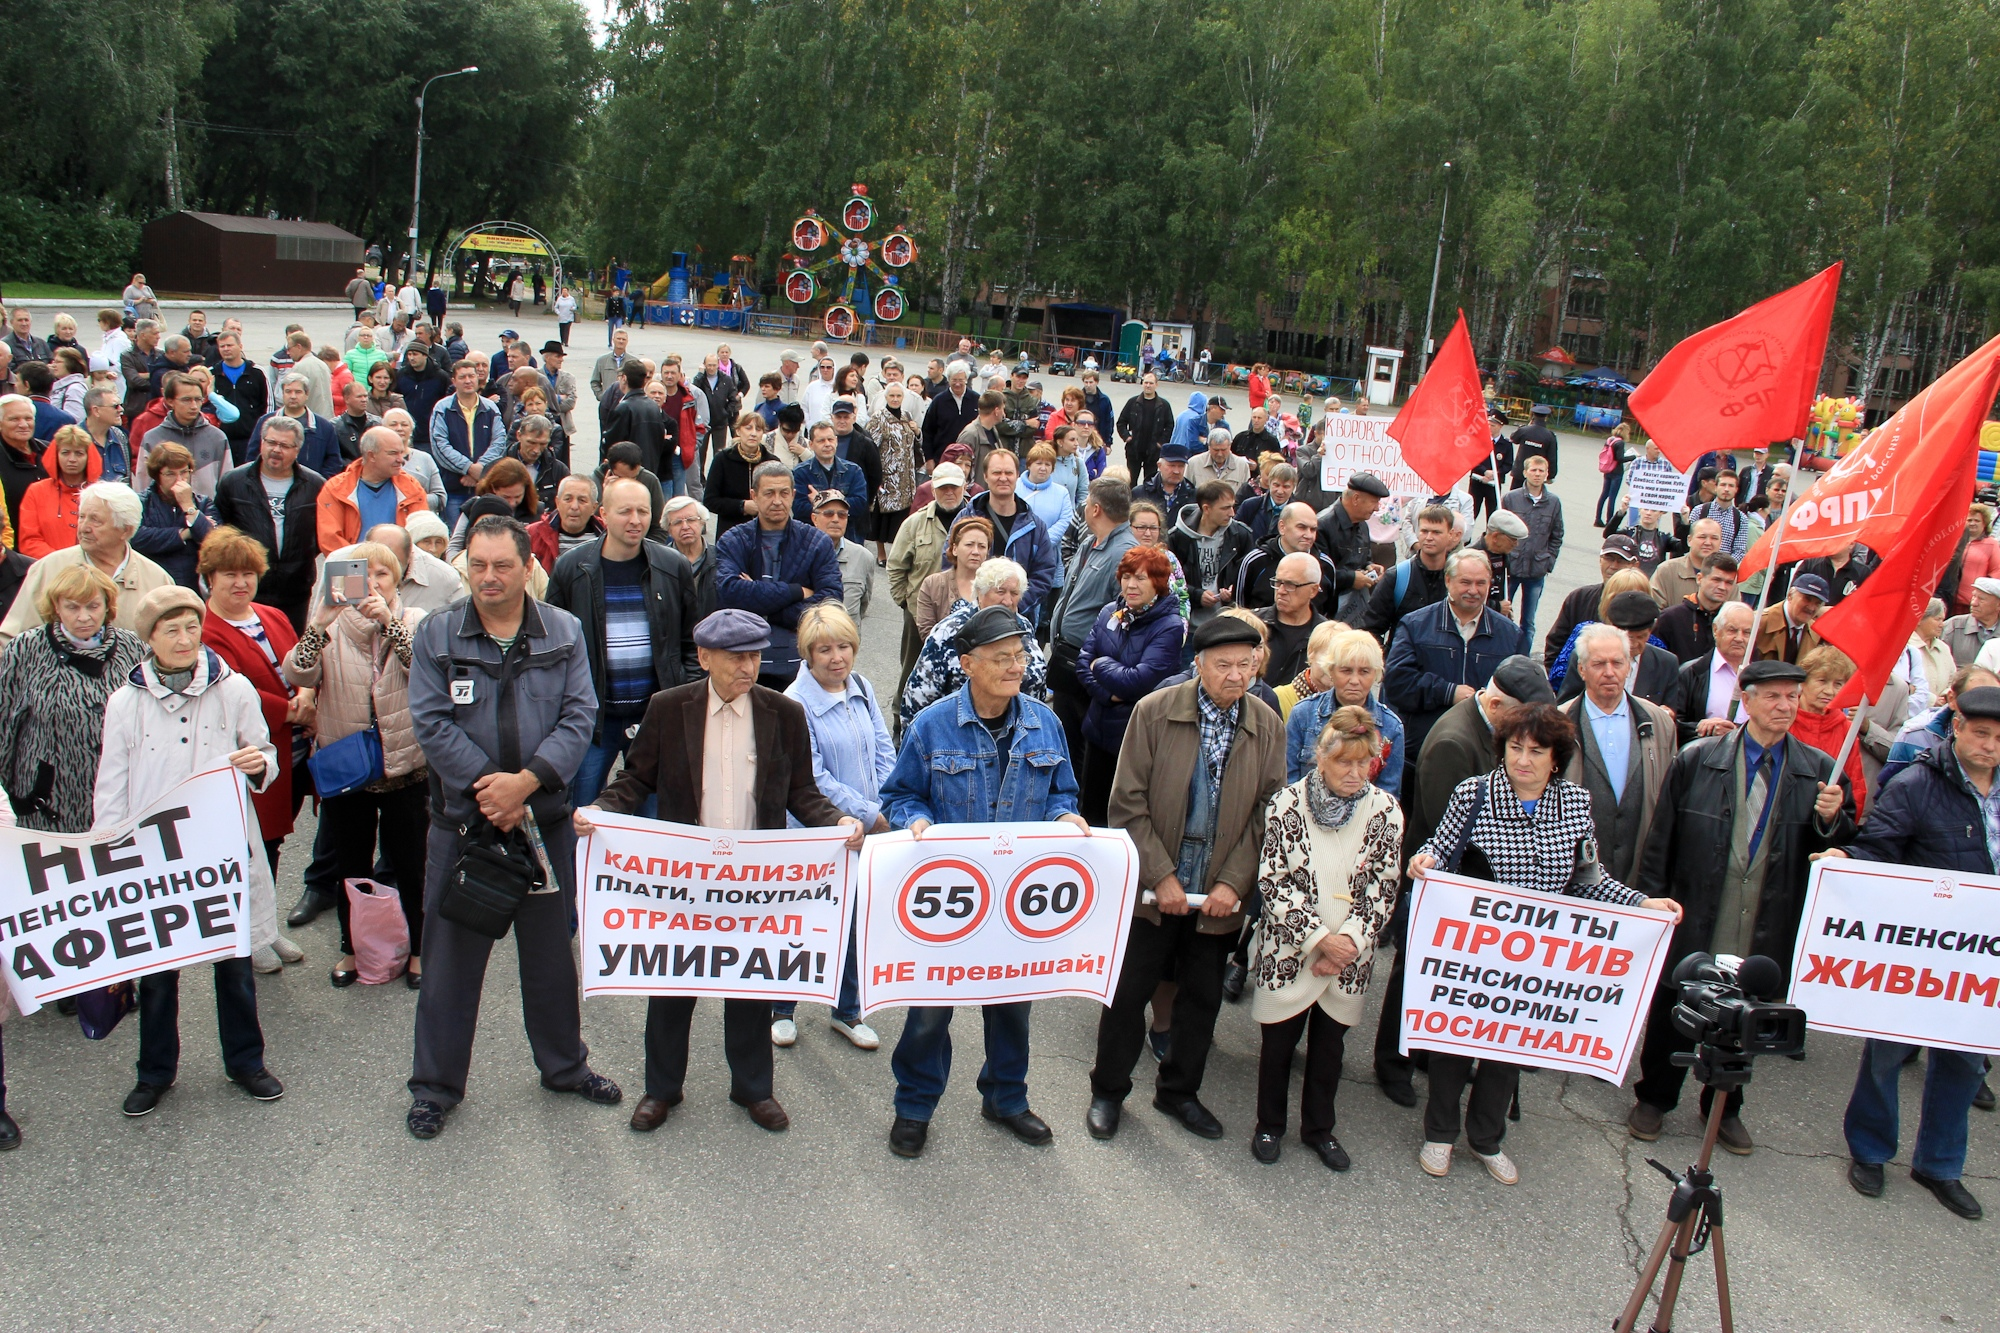 «Хотим жить на пенсии, а не умереть на работе!». В Томске прошел митинг против пенсионной реформы